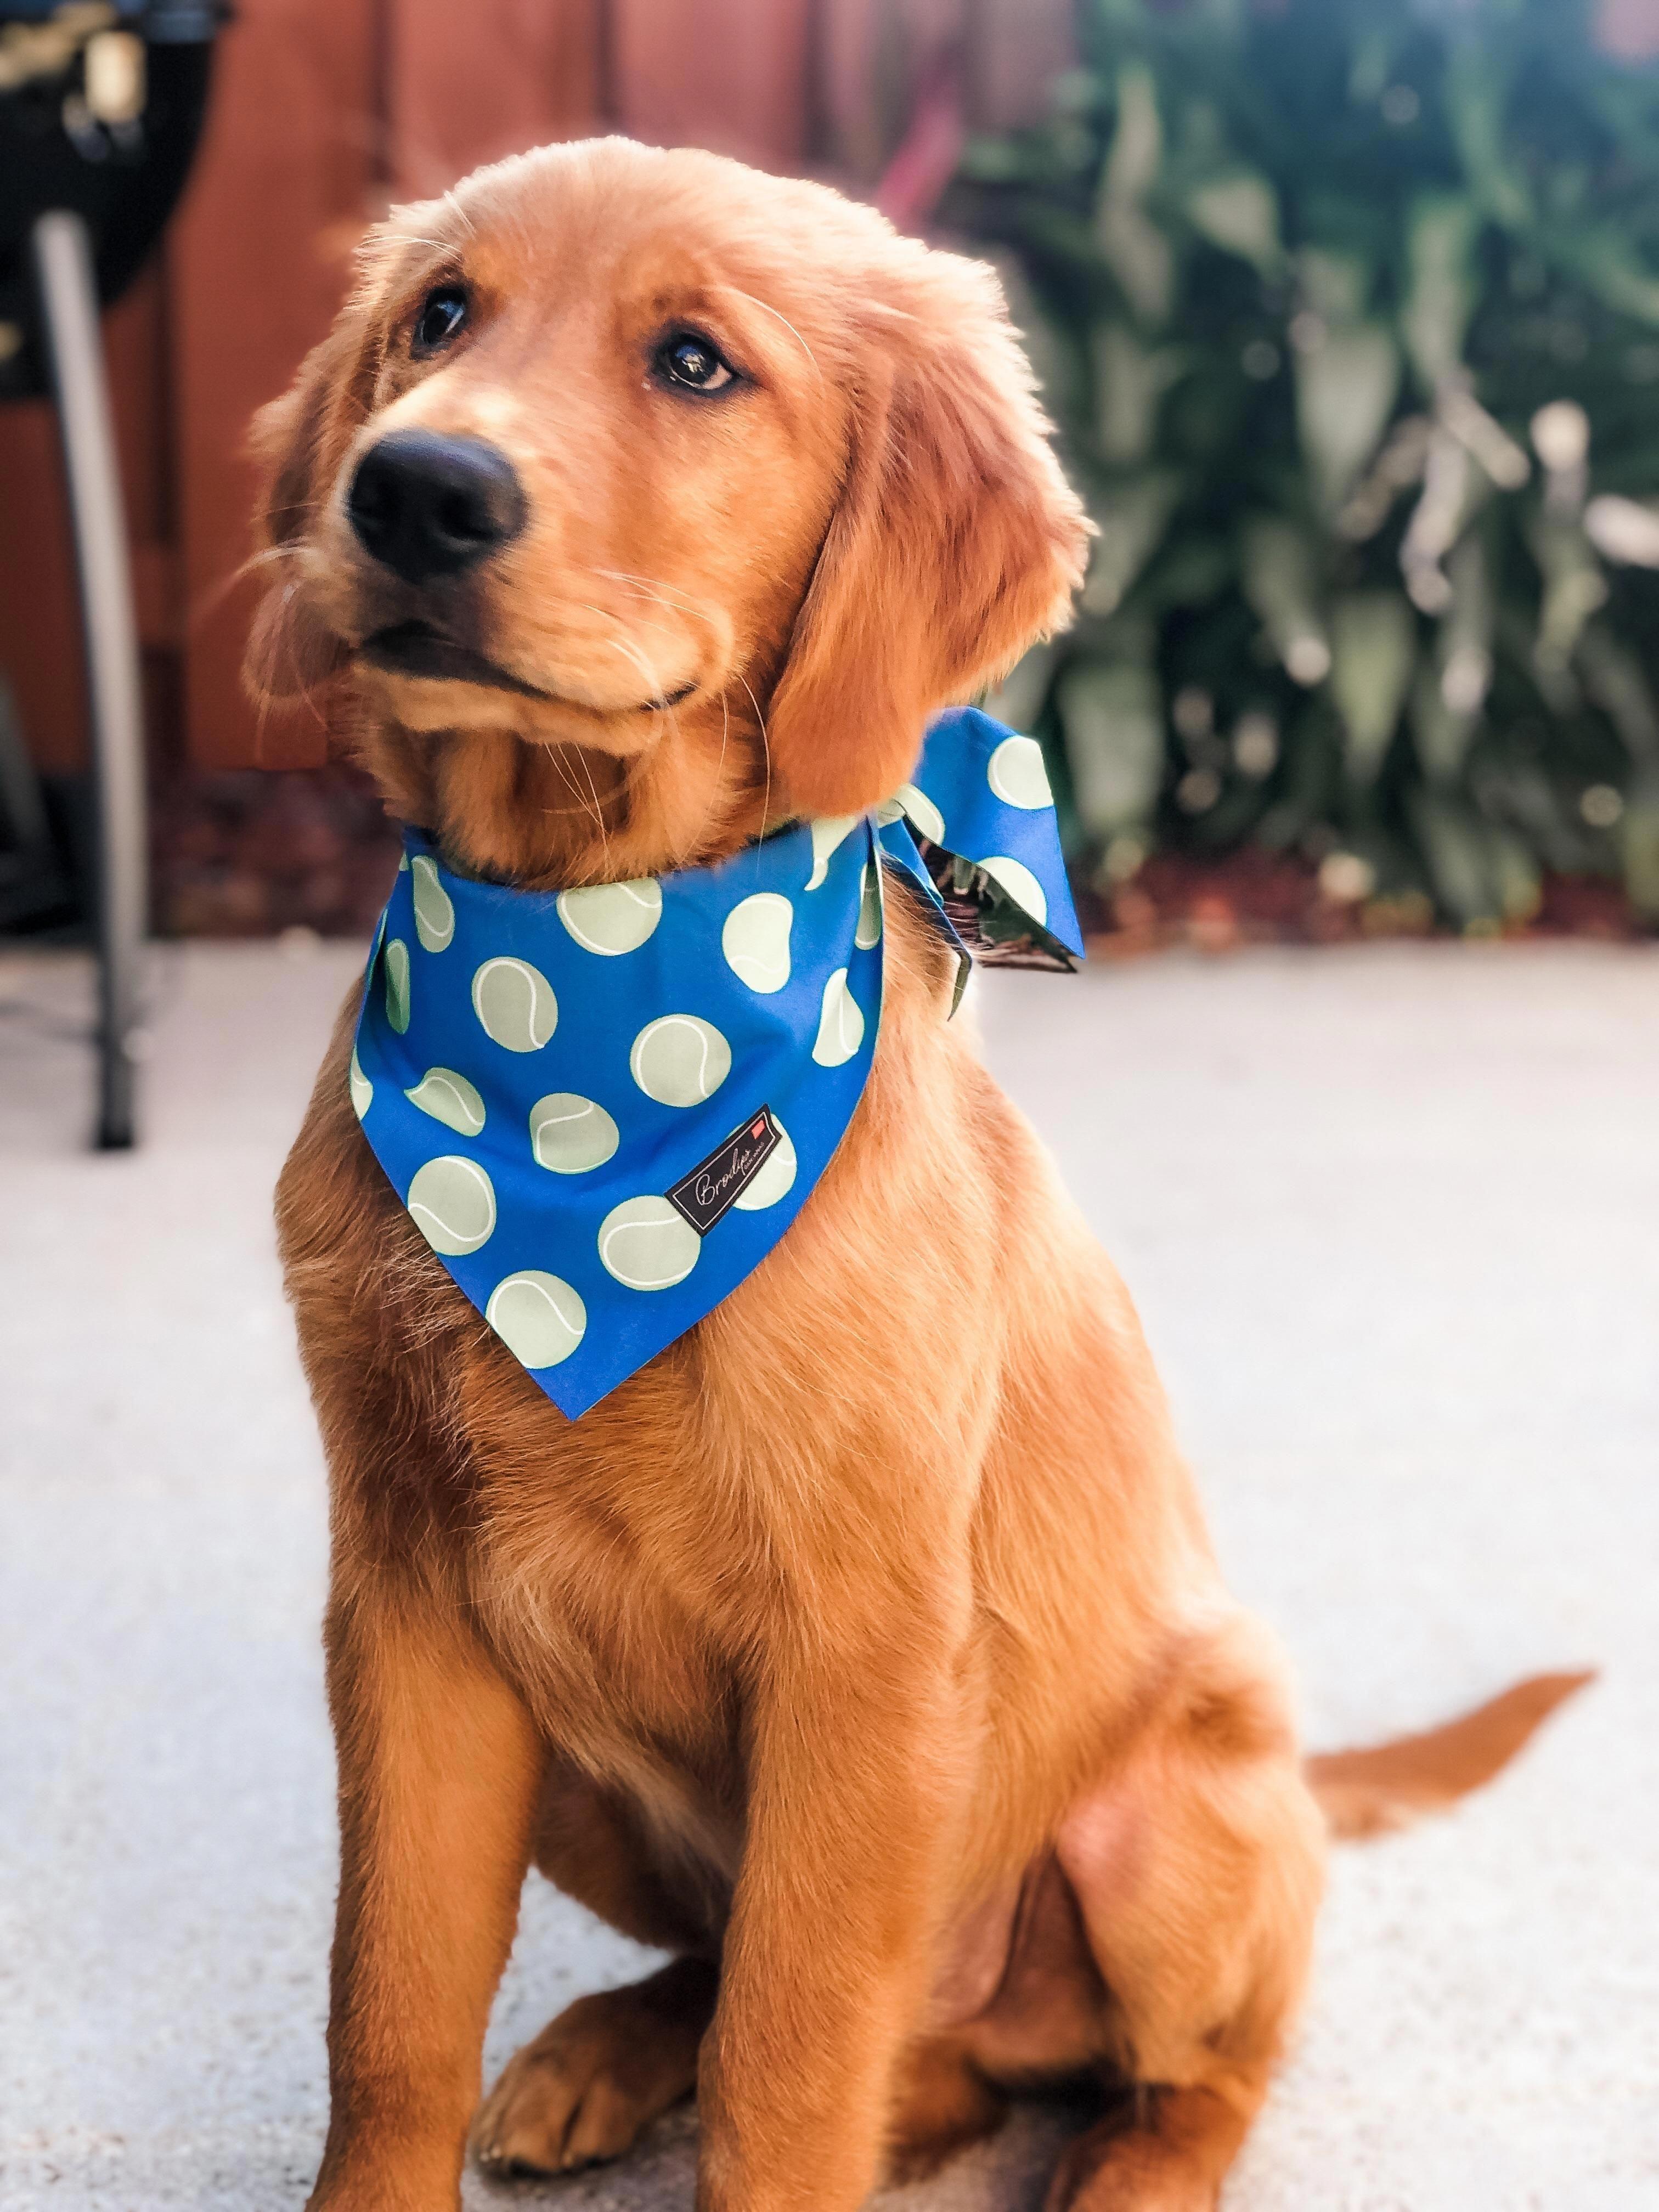 My Best Friend Is 5 Months Old Odintheredgolden Goldenretriever Pugs Cute Dogs Golden Retriever Super Cute Animals